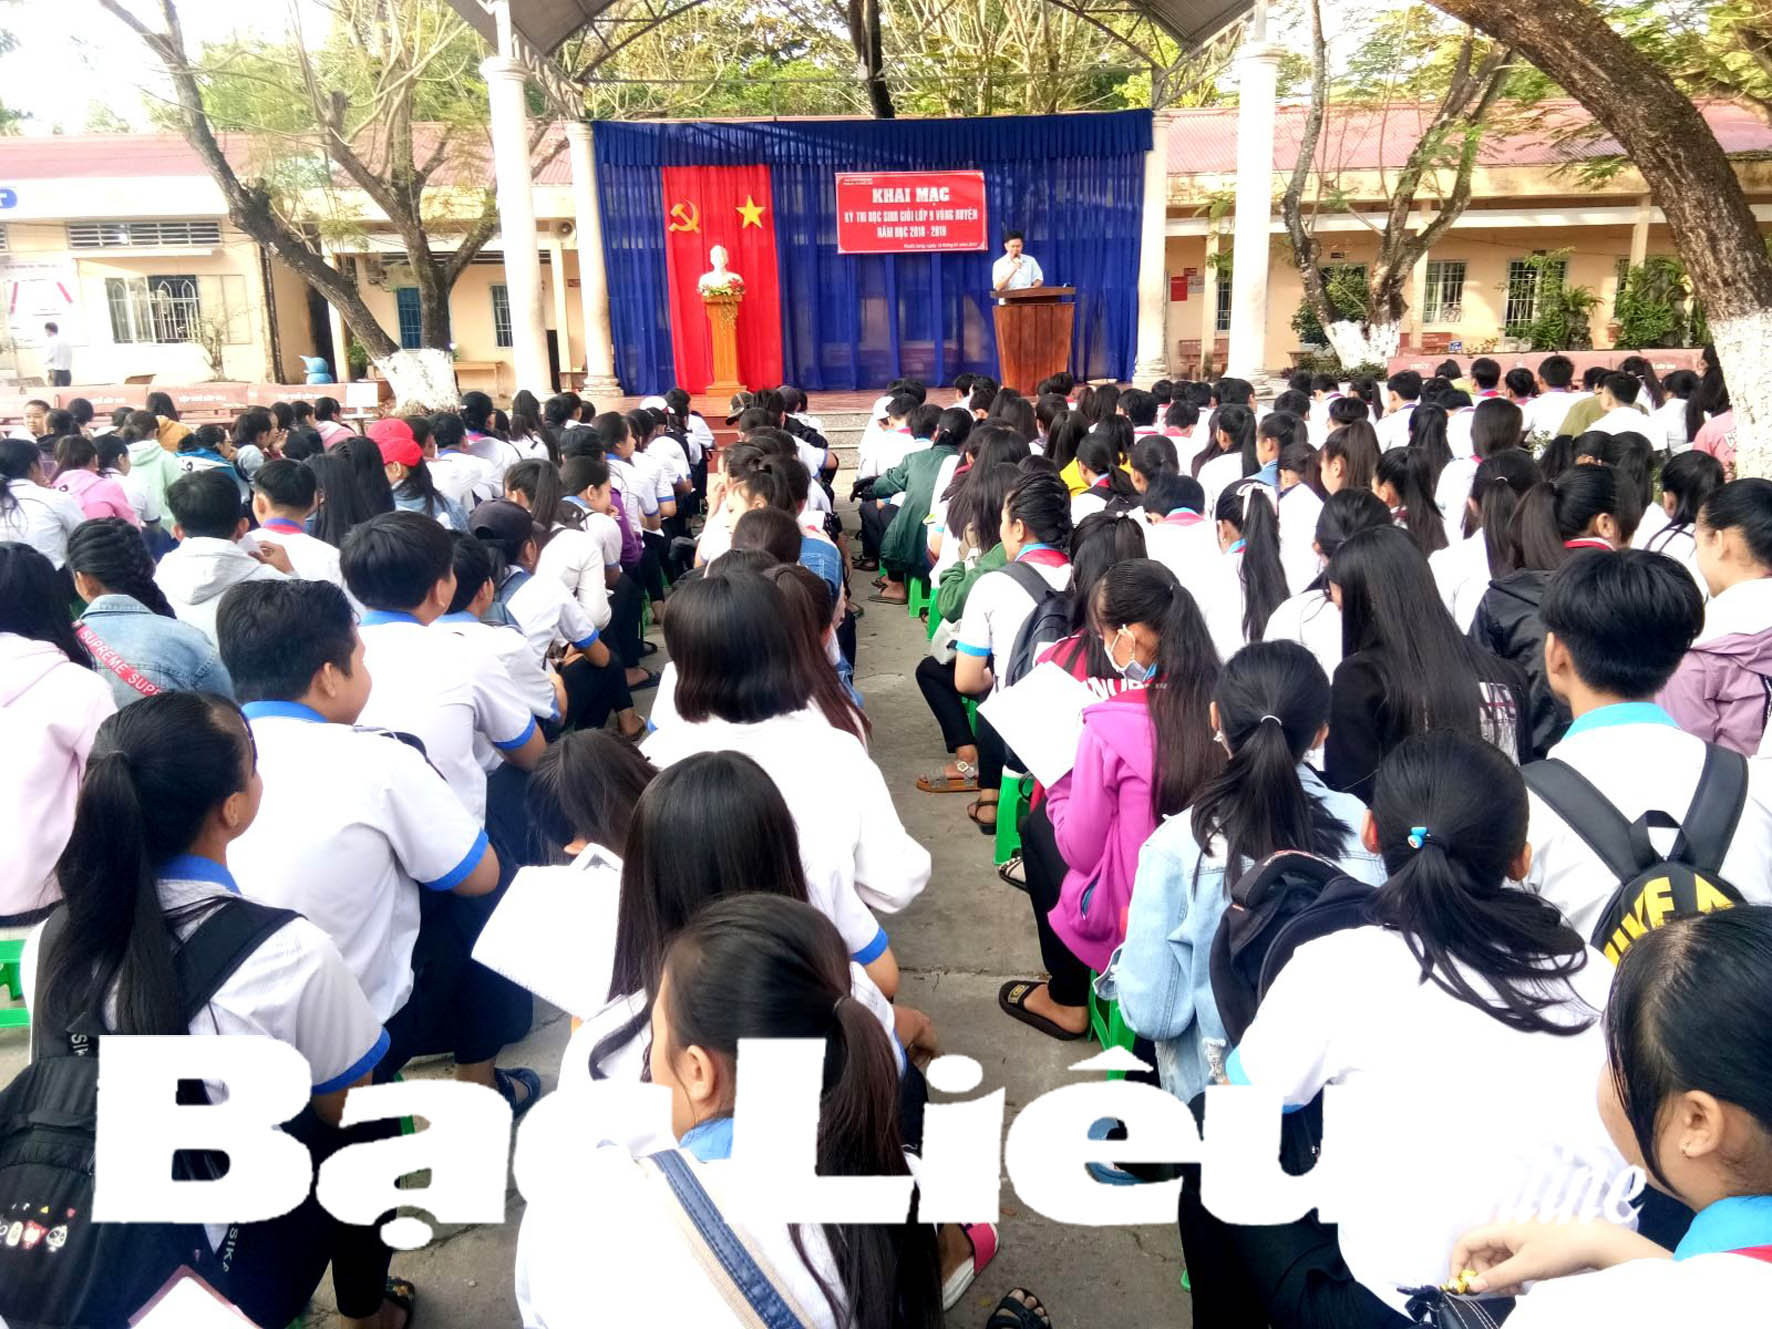 Phòng GD-ĐT huyện Phước Long: Tổ chức thành công kỳ thi chọn học sinh giỏi lớp 9 vòng tỉnh